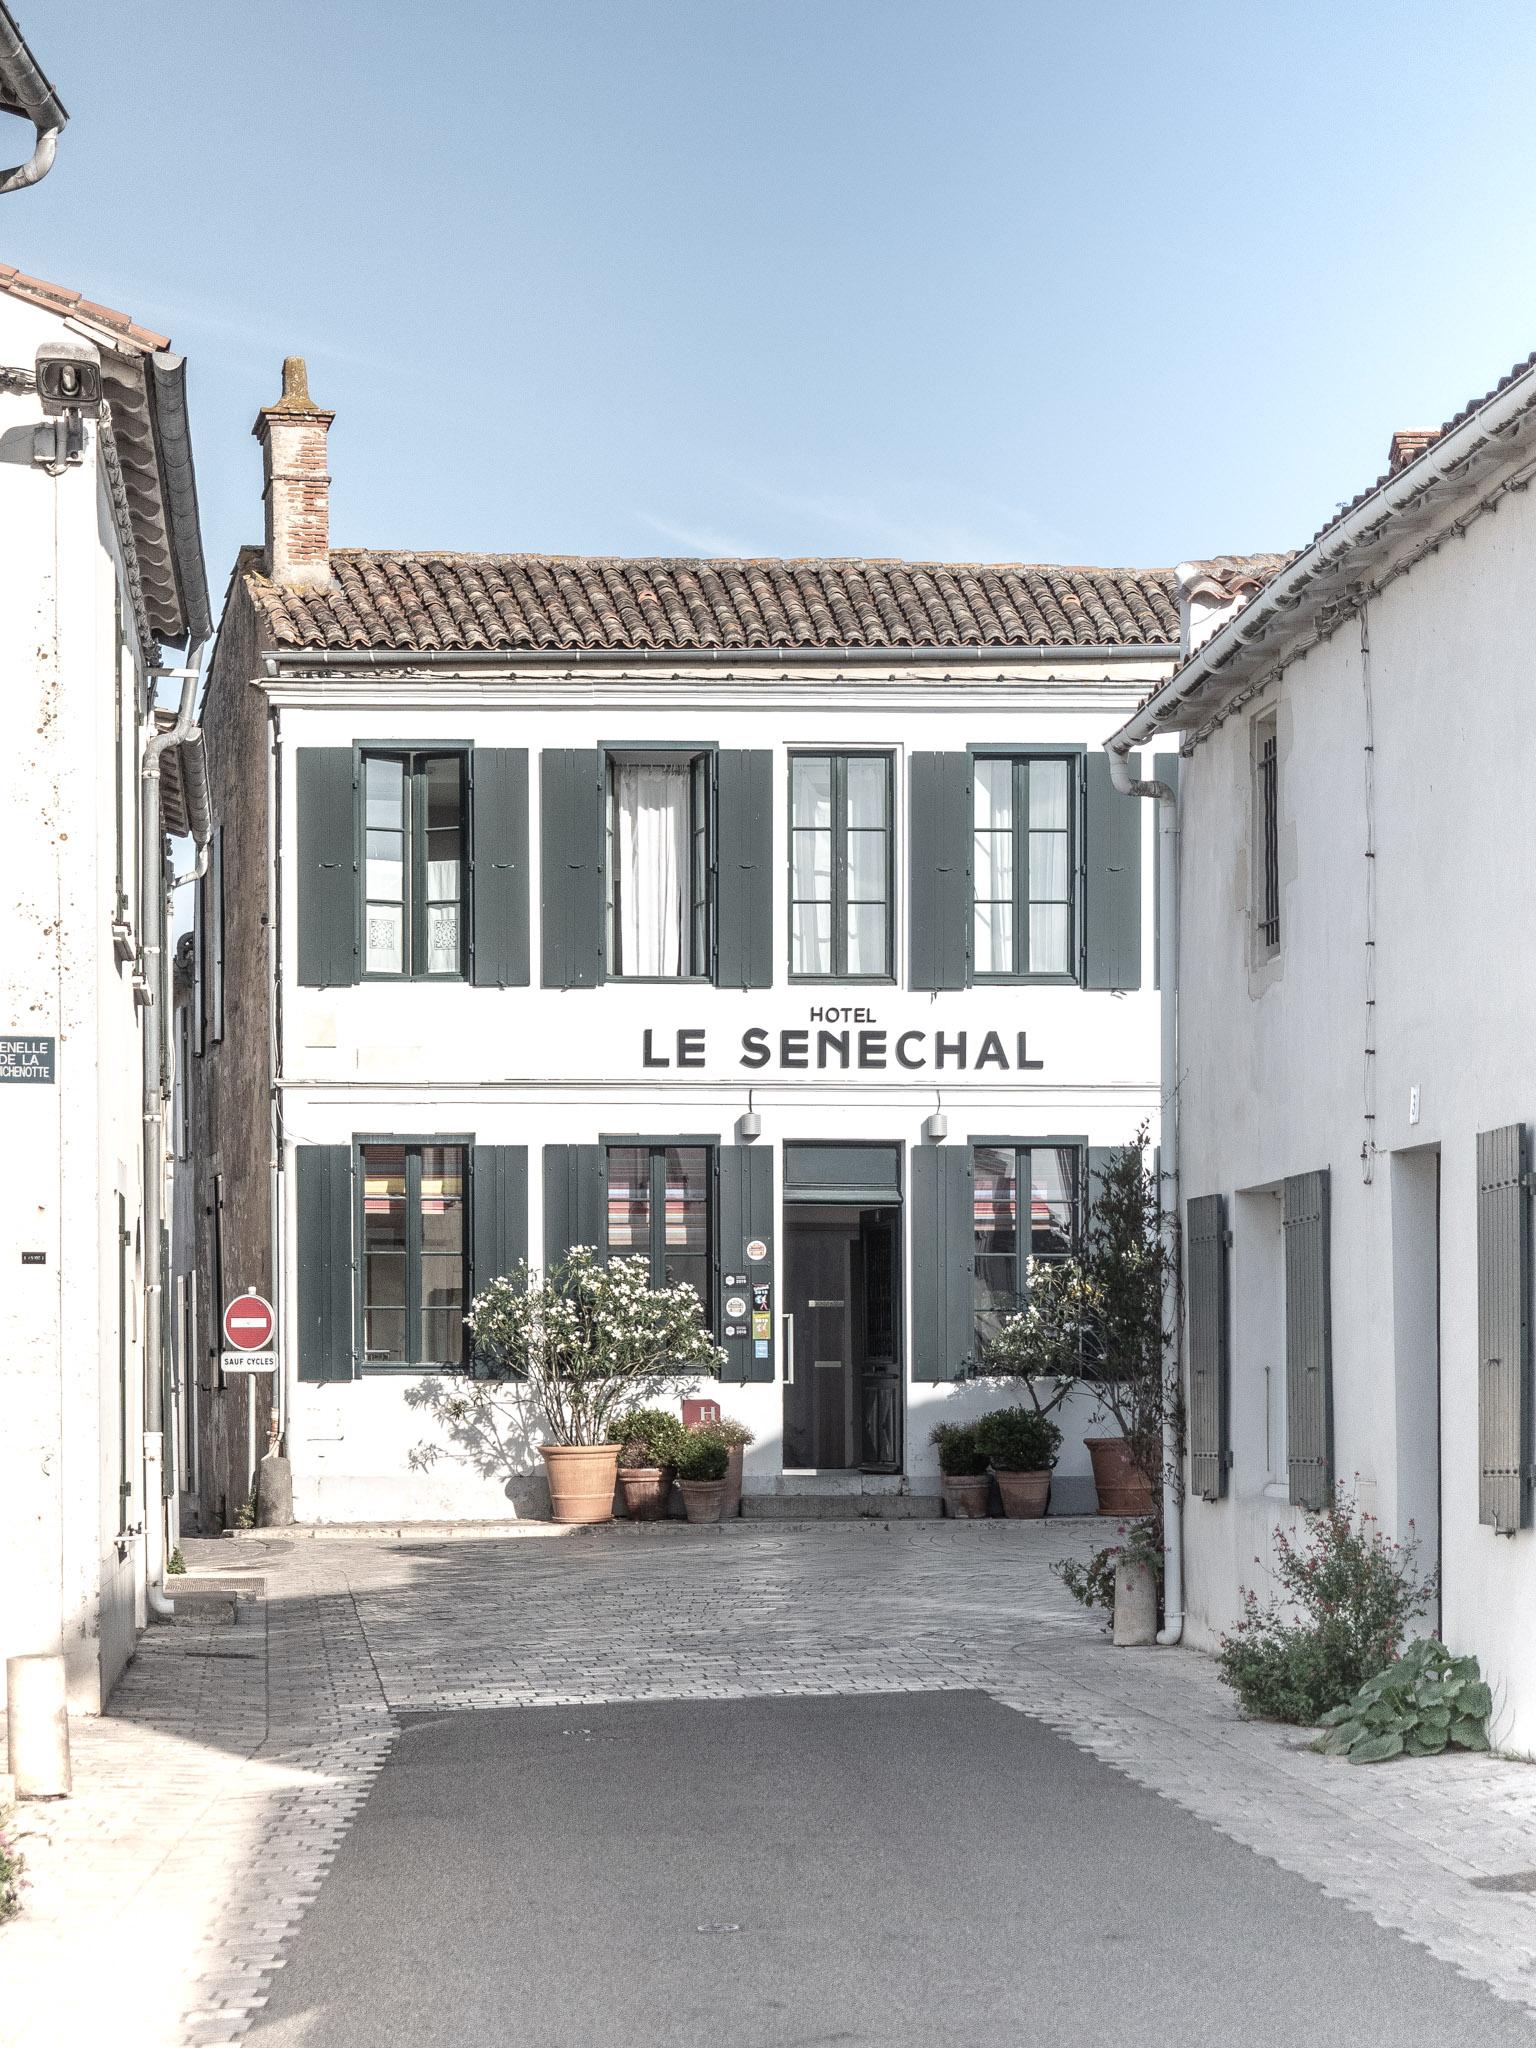 Hotel Le Sénéchal, Ars-en-Ré - Île de Ré